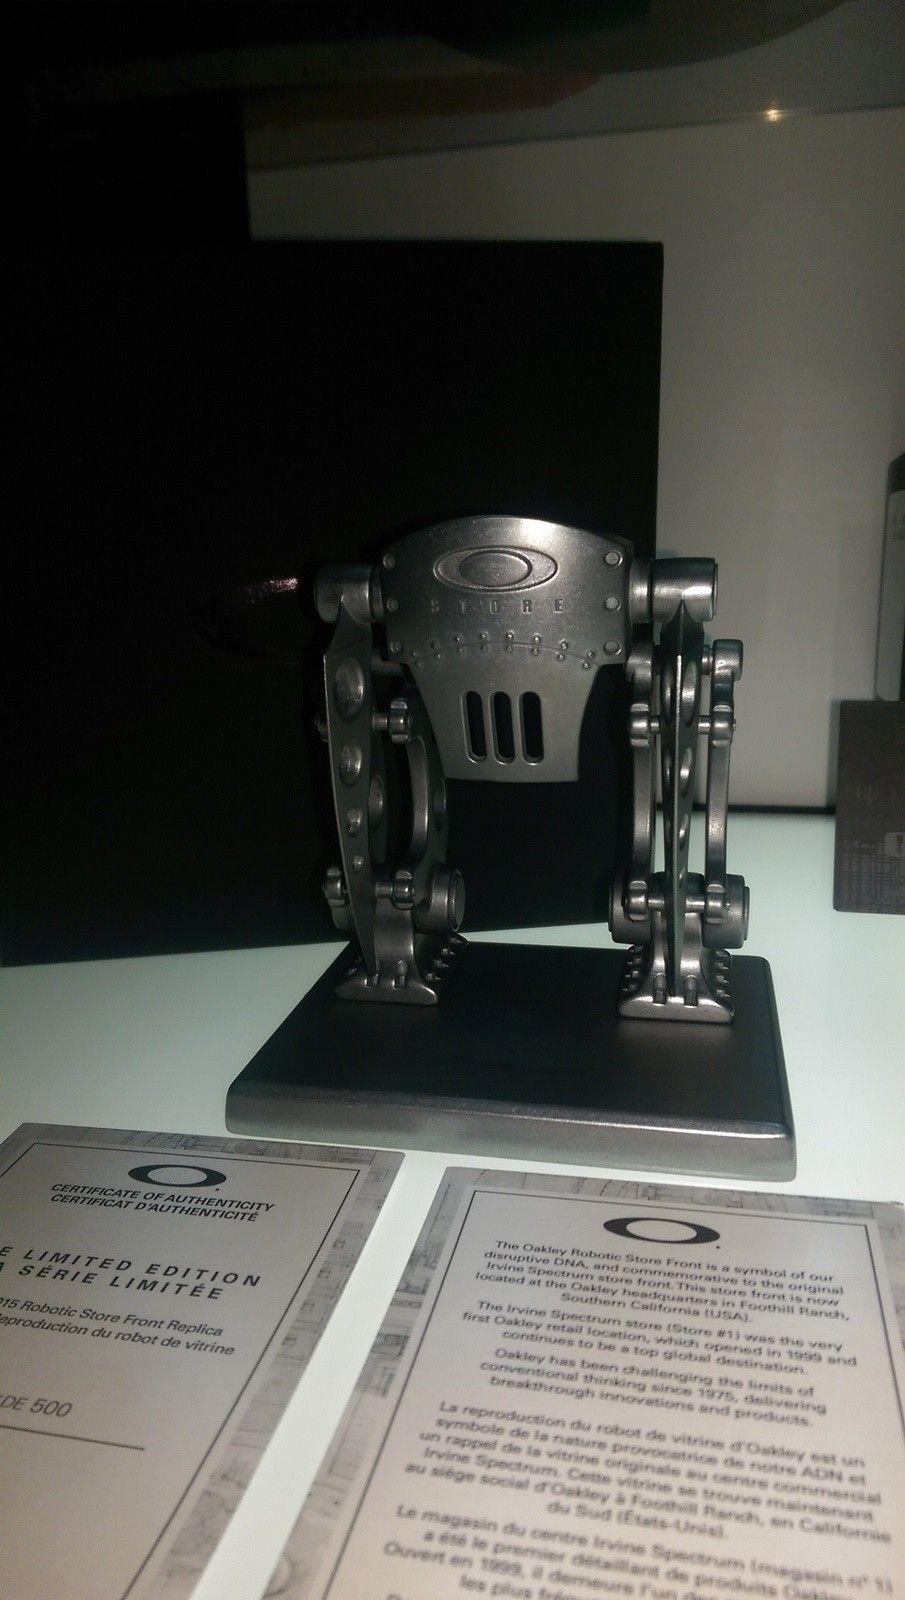 Store front robot for oakley bunker - IMAG0886.jpg